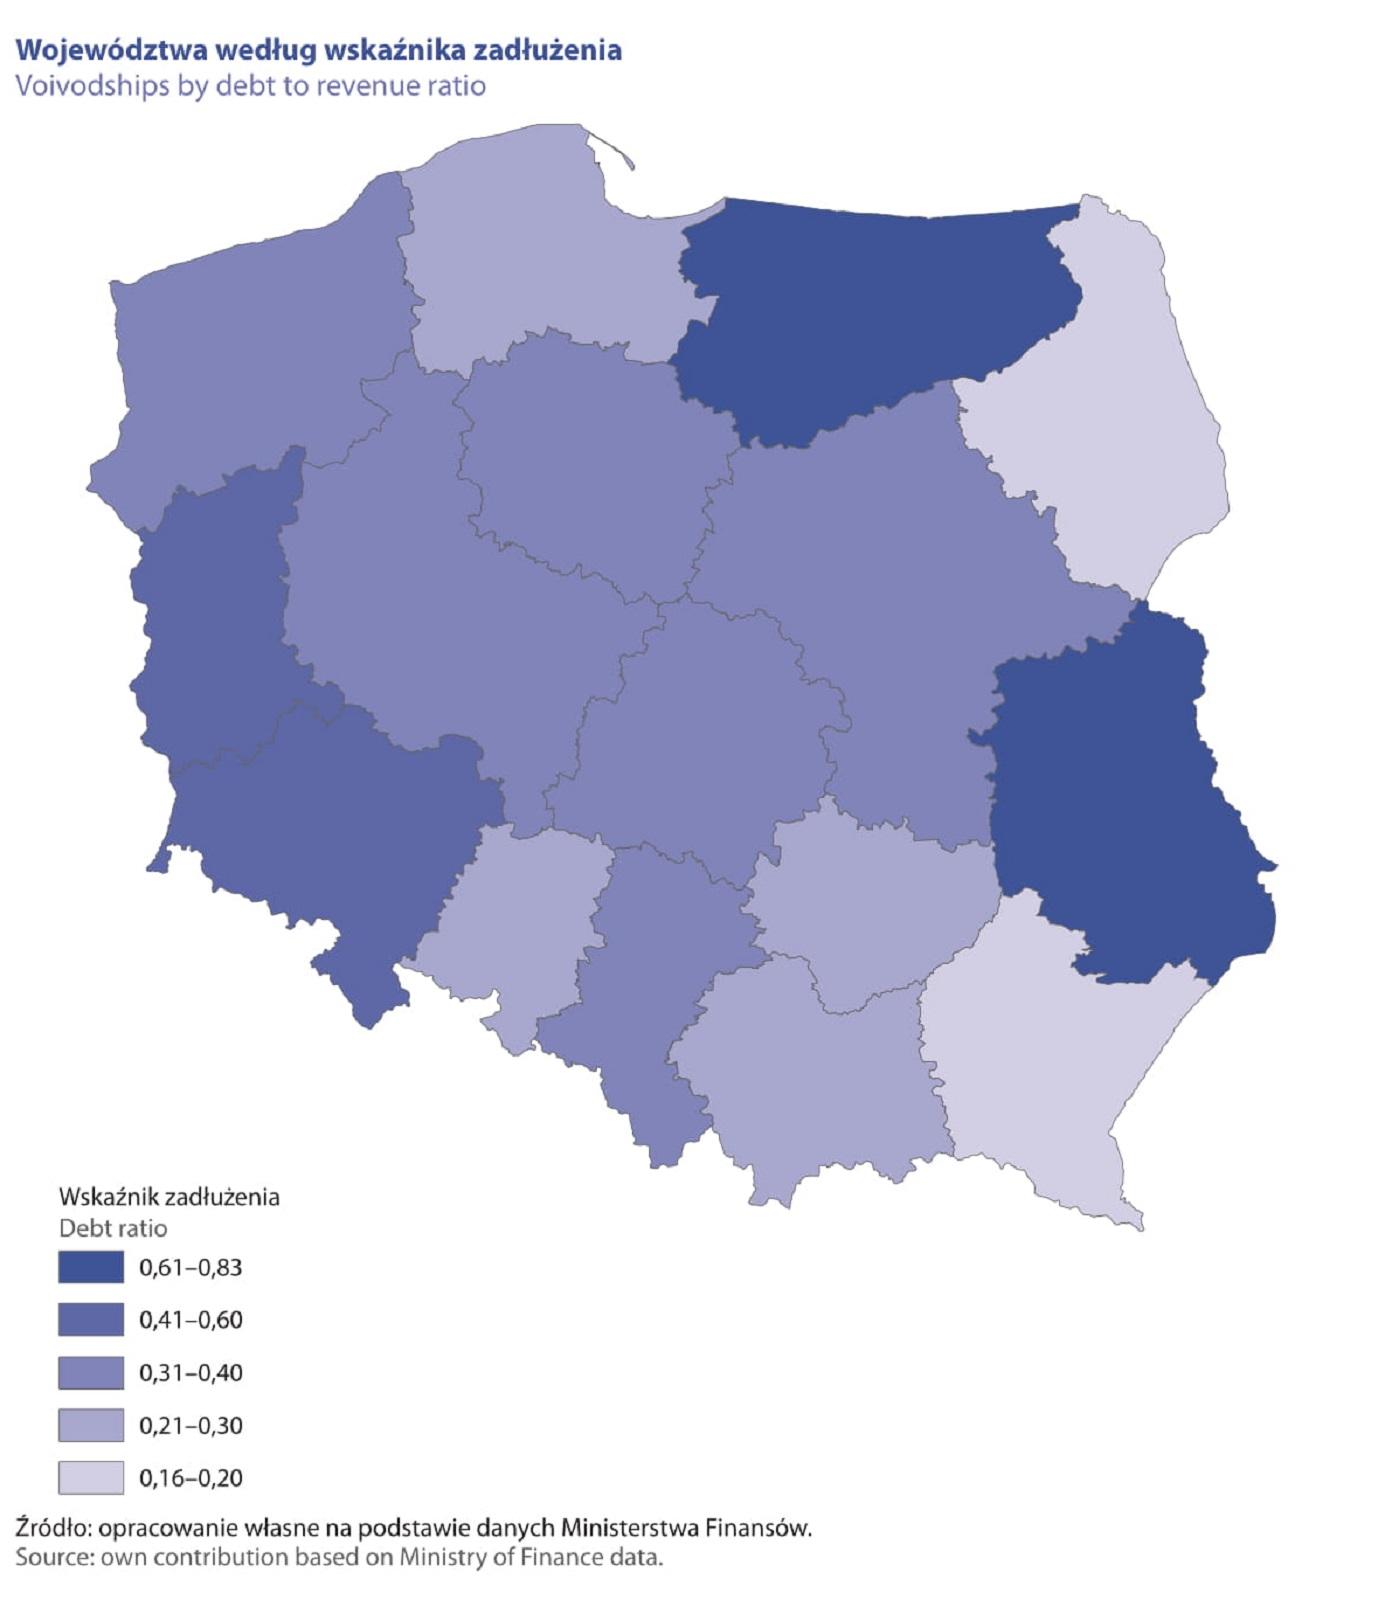 Województwa według wskaźnika zadłużenia (fot. raport GUS)